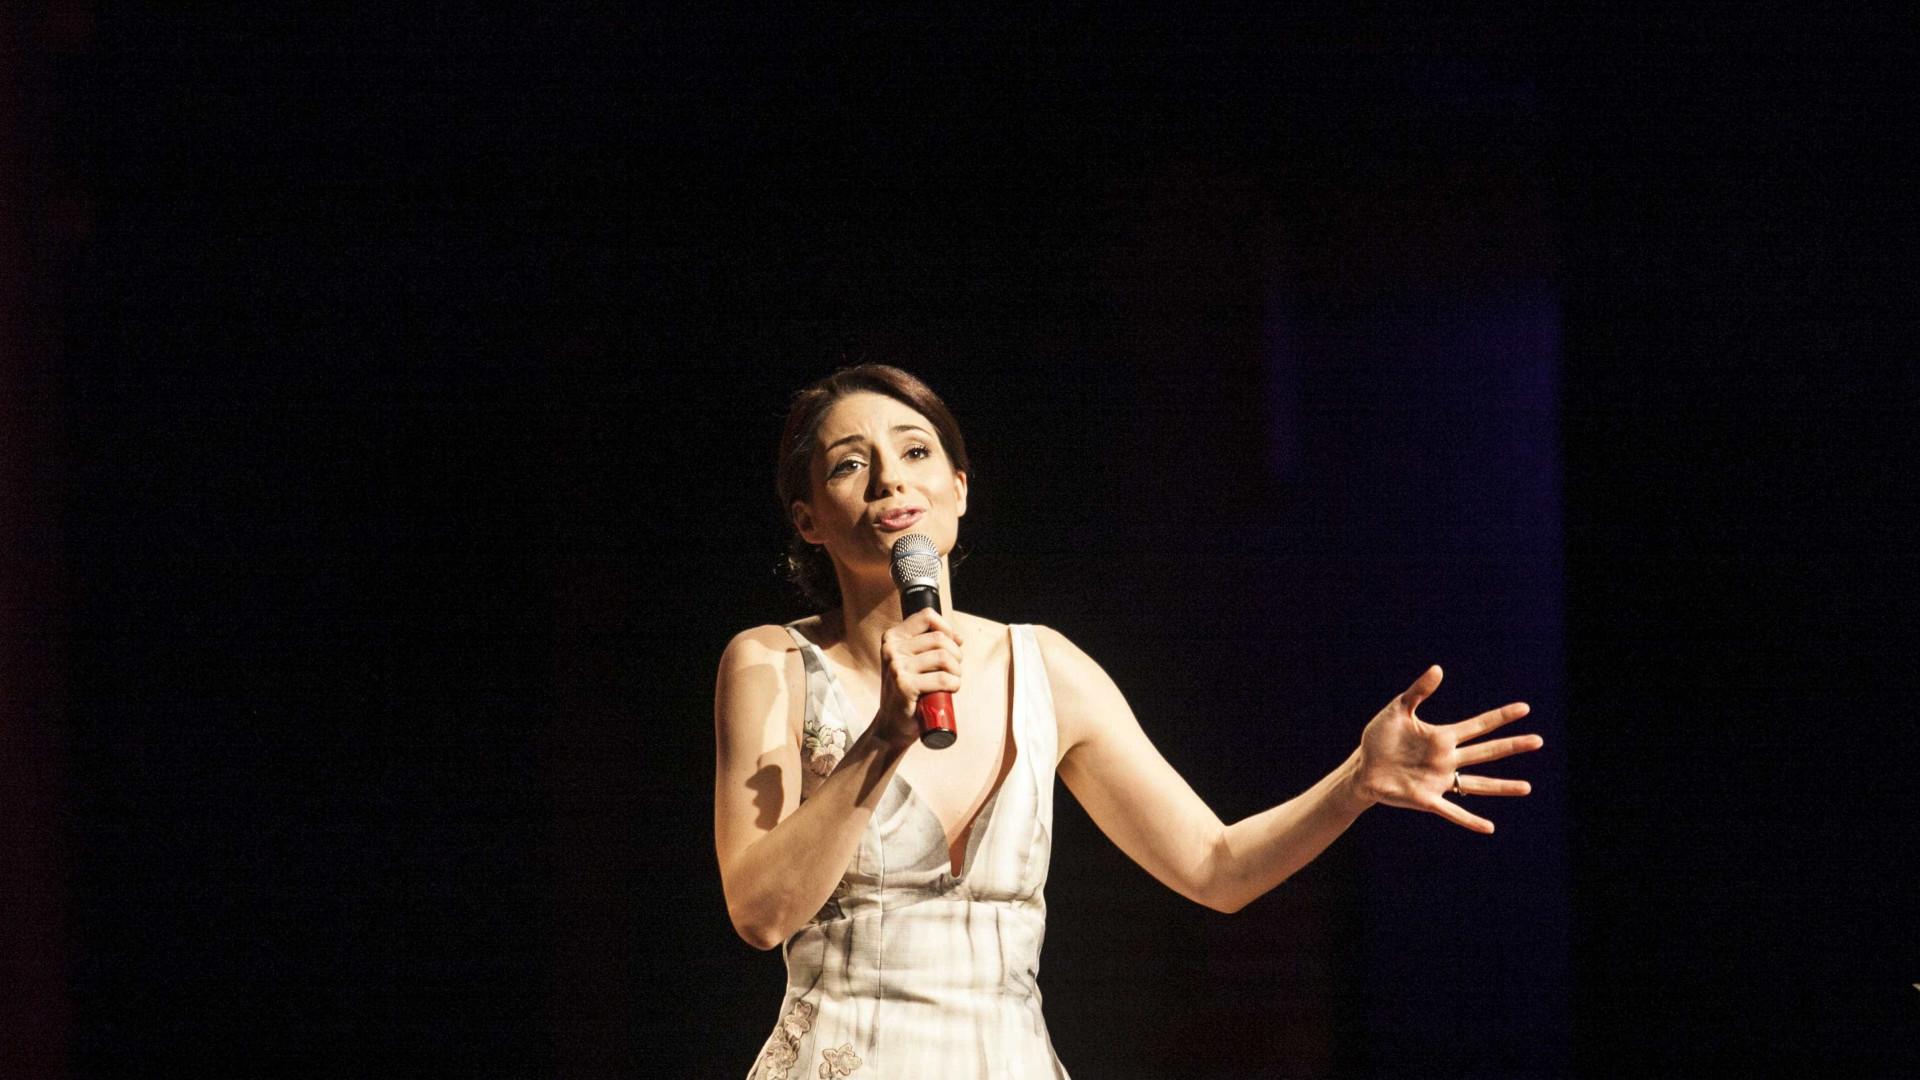 Sofia Escobar no elenco do musical 'O Médico' que estreia em Madrid